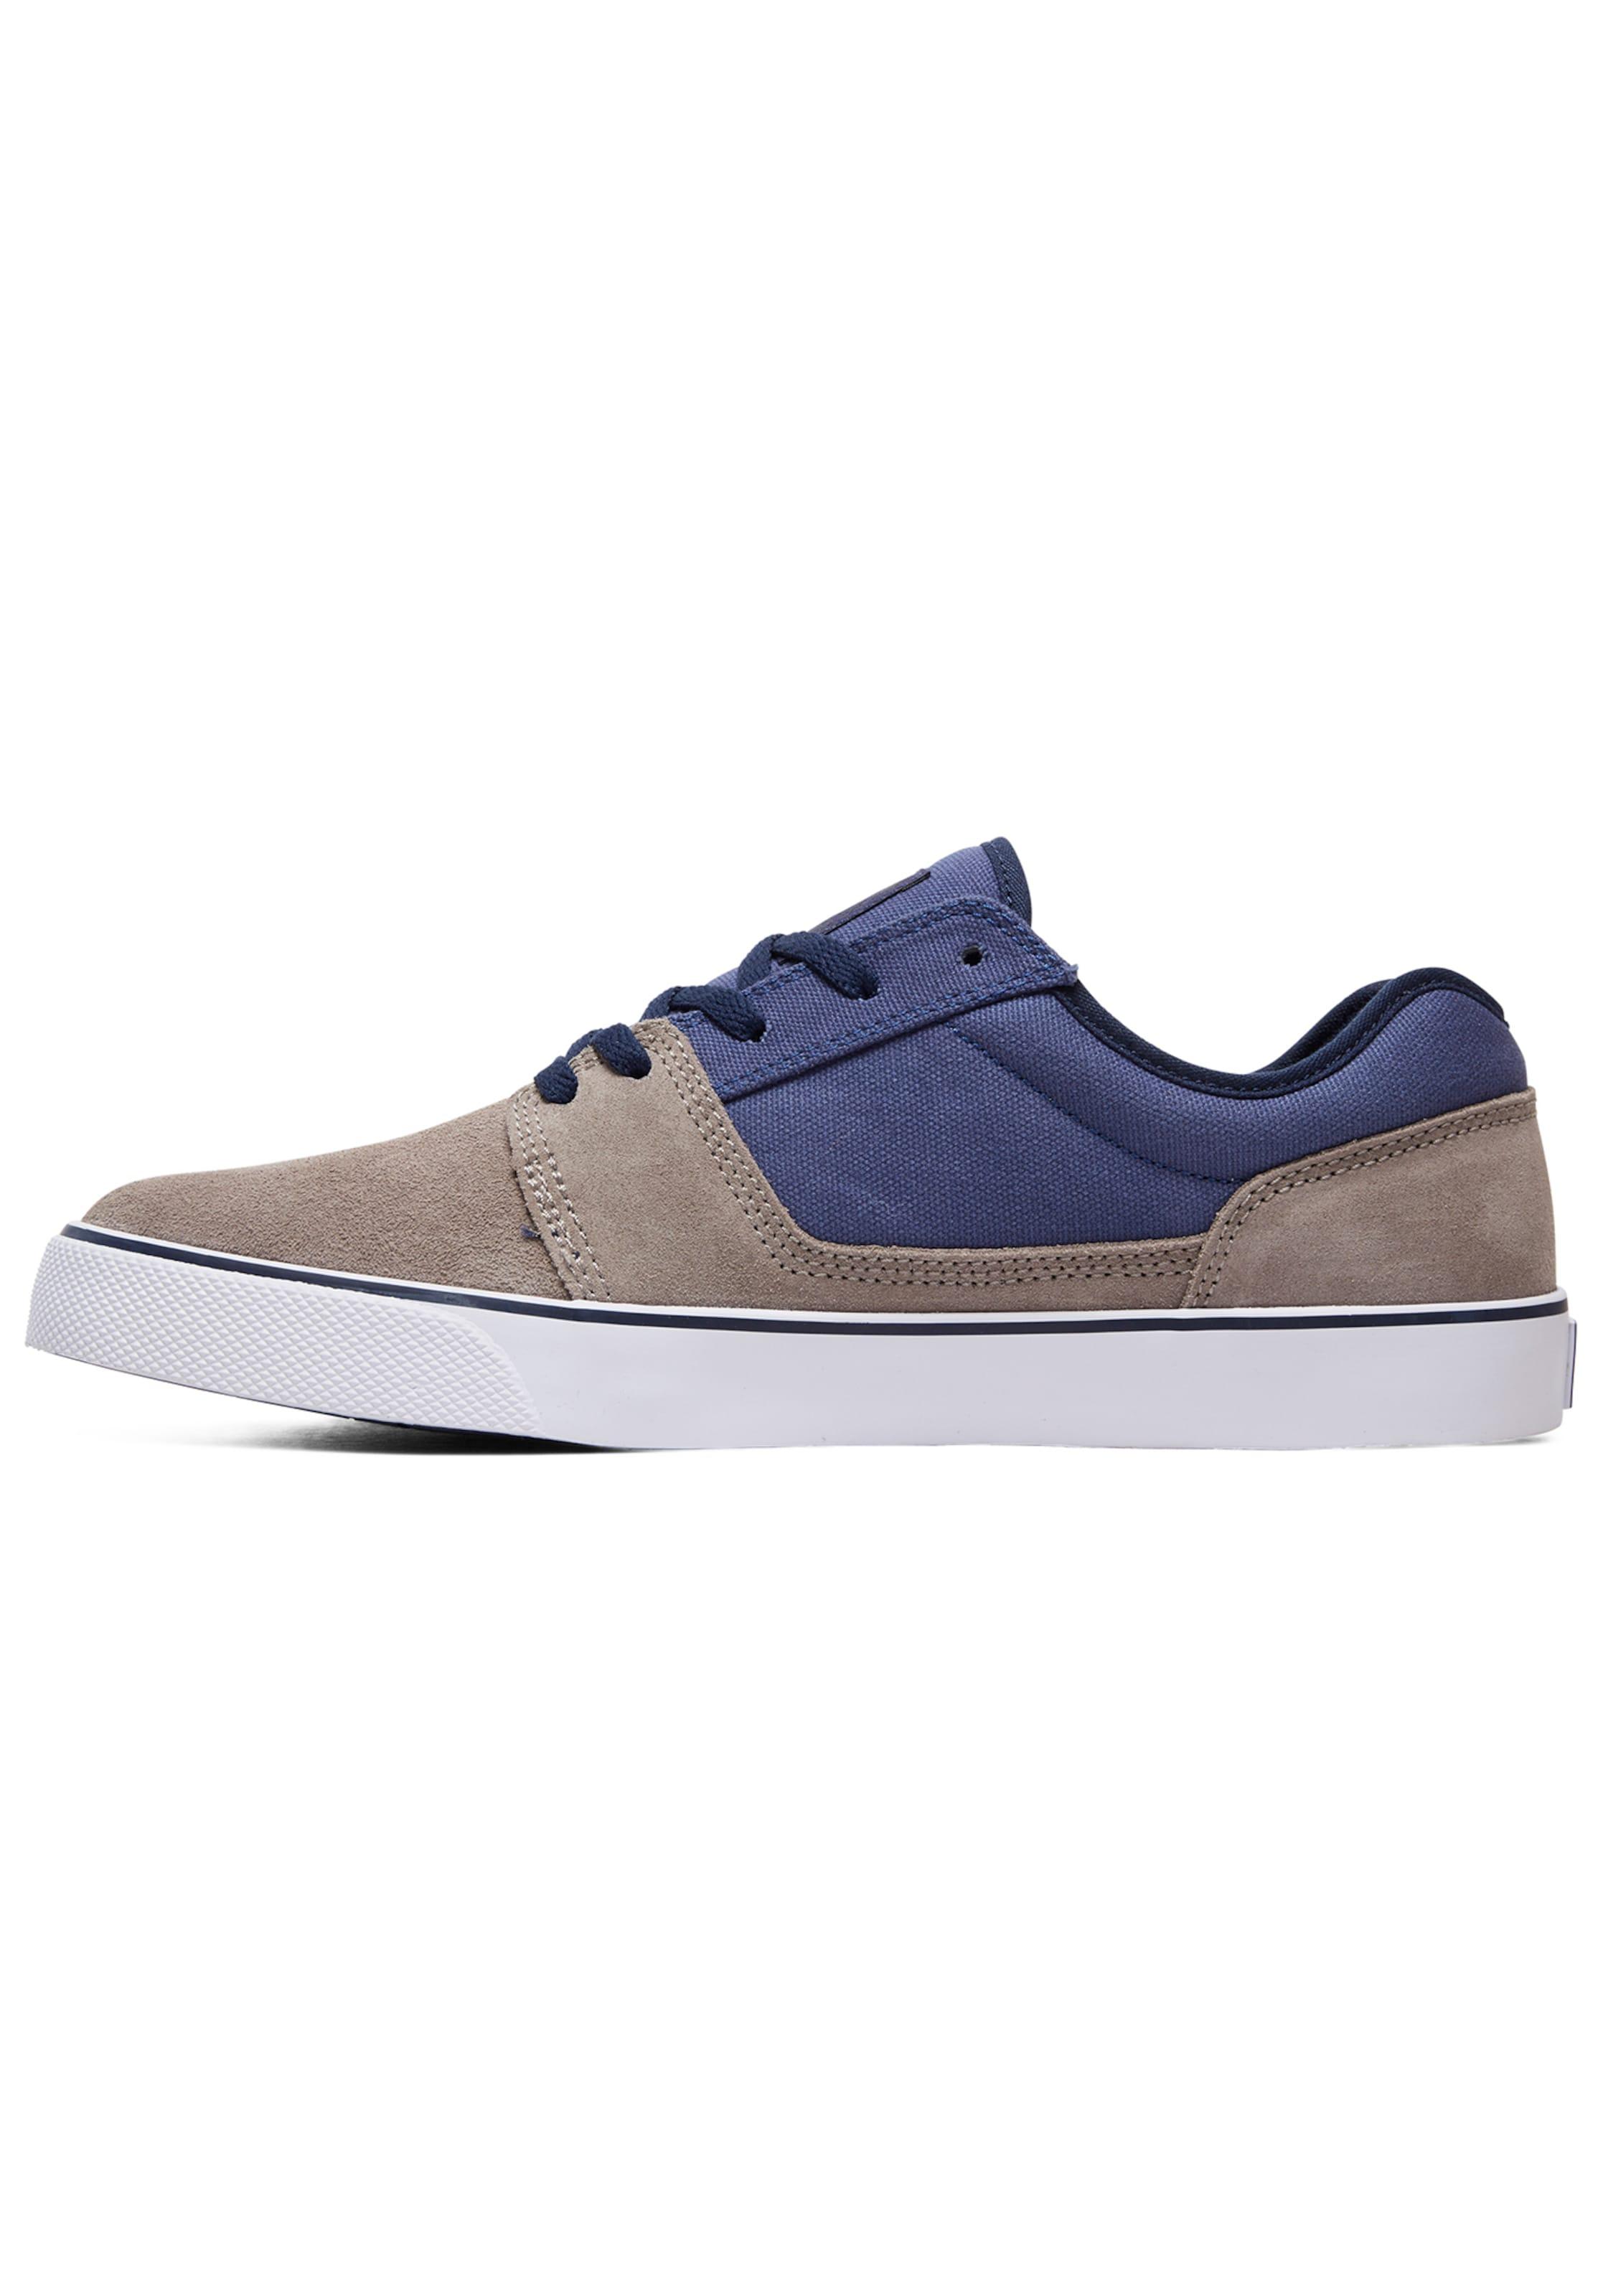 Dc HellbeigeNachtblau Shoes Sneaker 'tonik' In xWeCordB